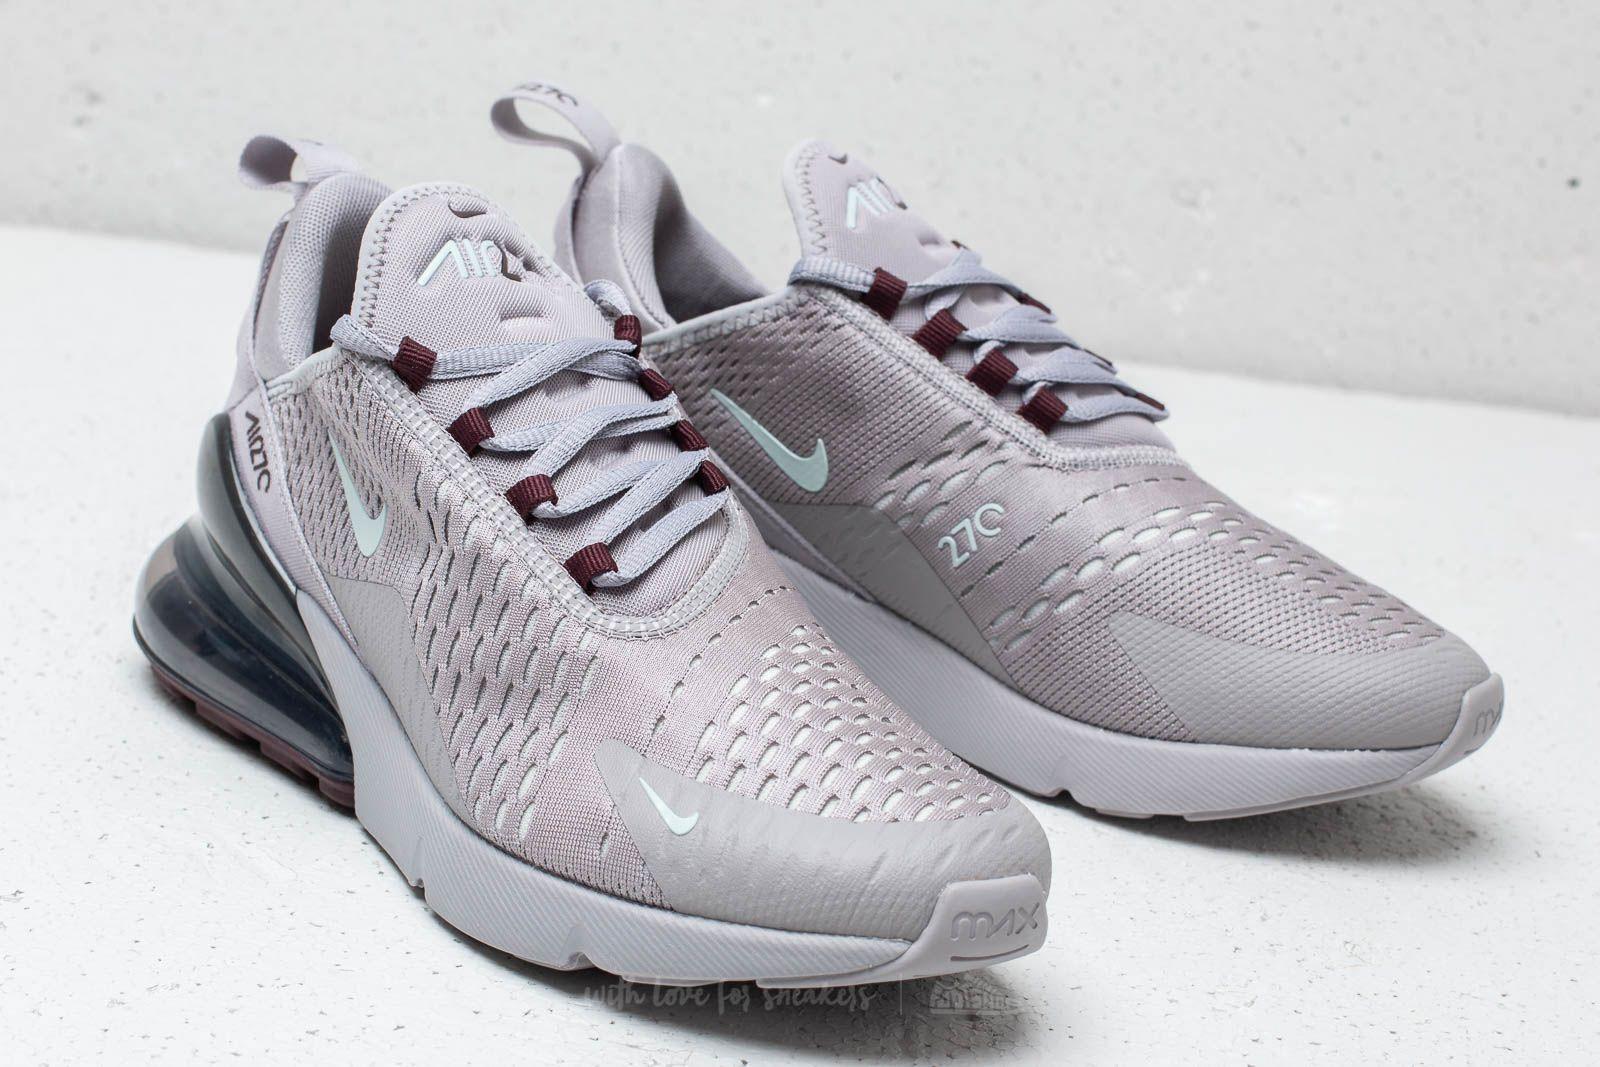 Nike Air Max 270 Atmosphere Grey Light Silver | Footshop